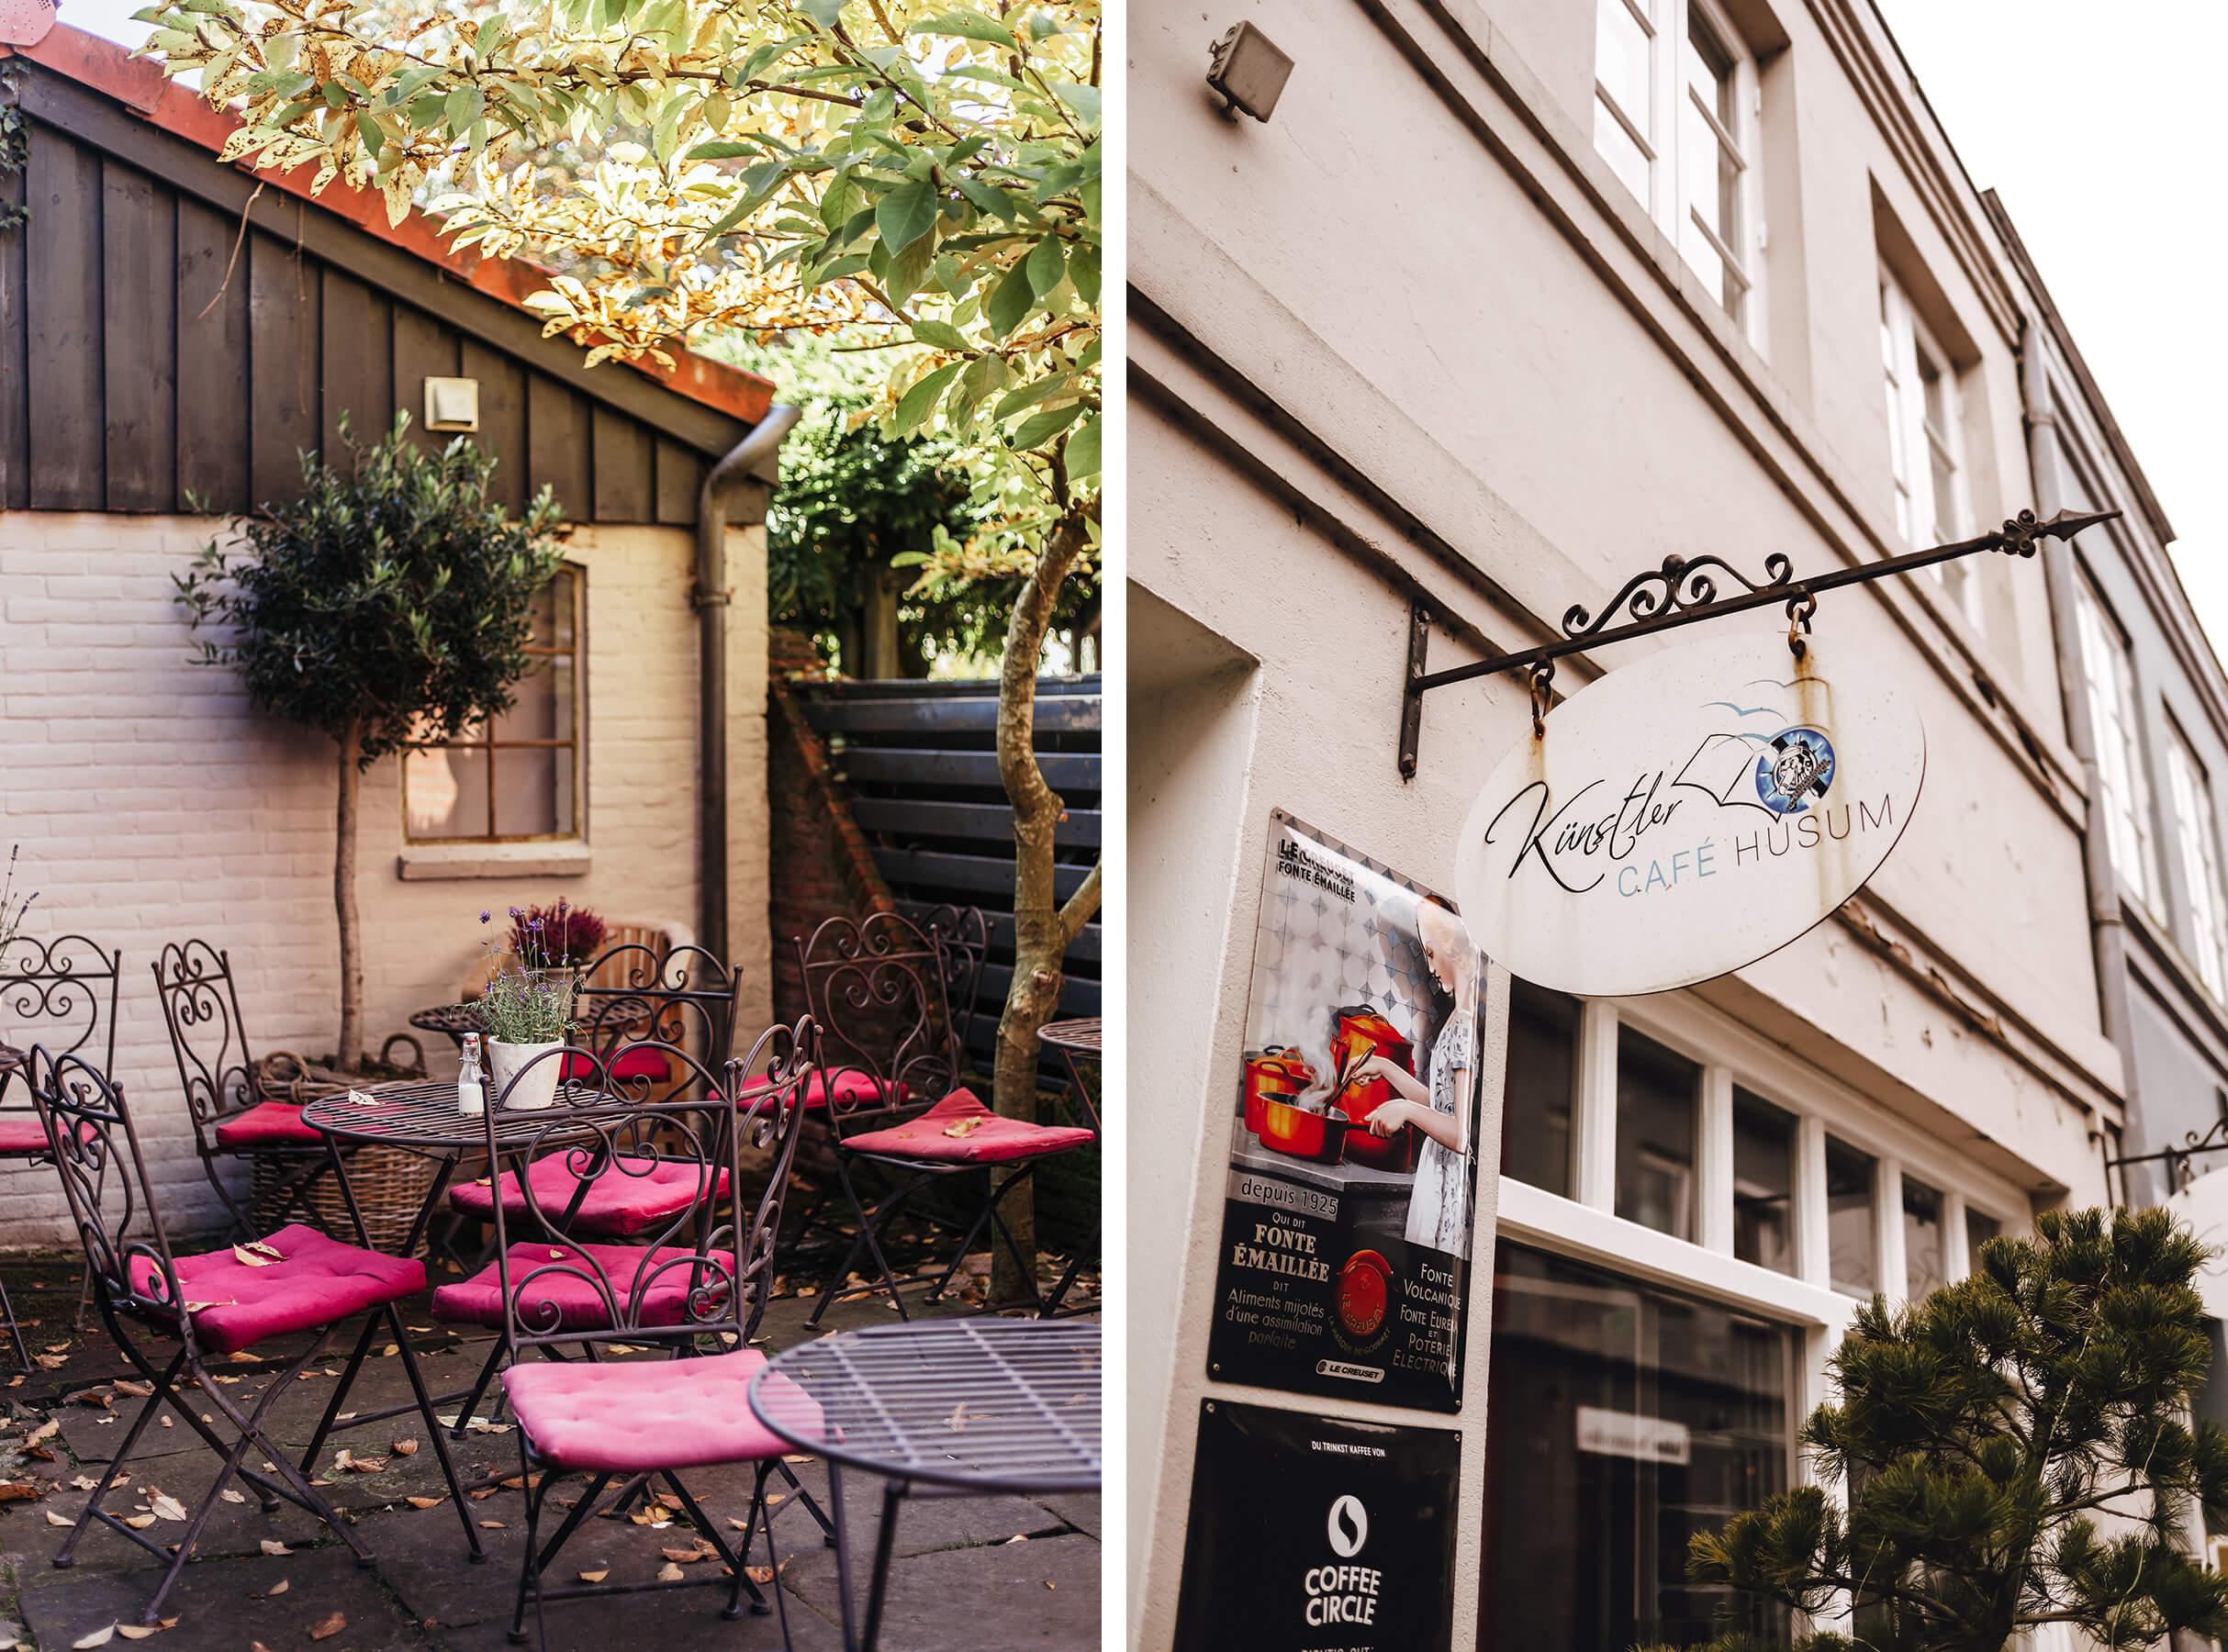 Künstlercafé in Husum Collage